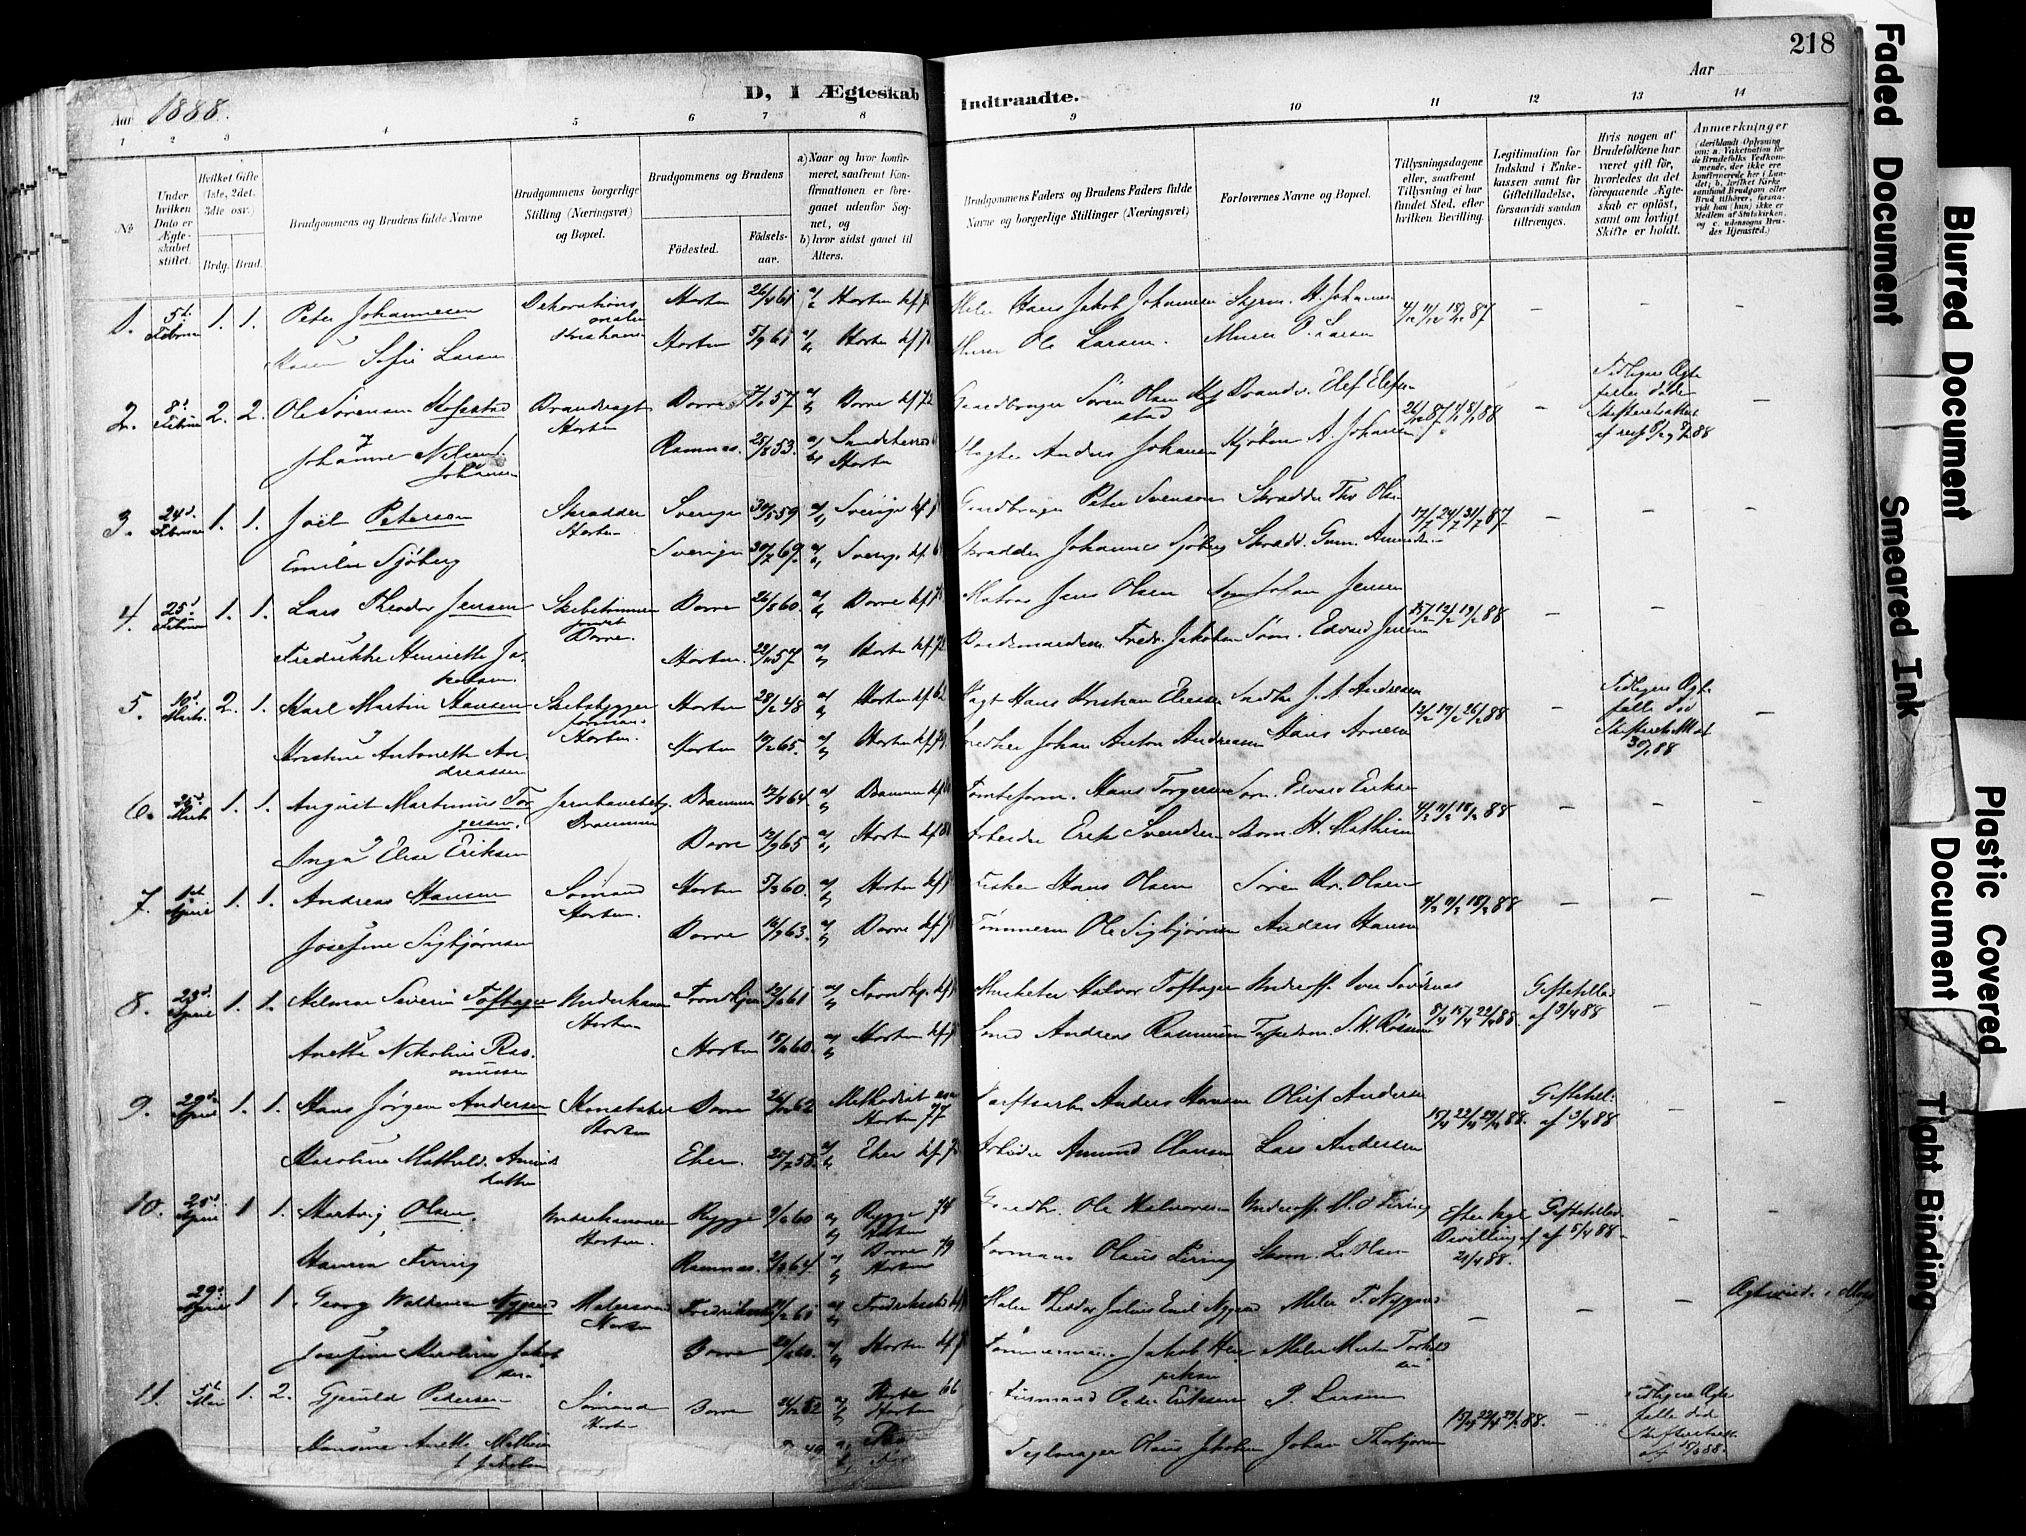 SAKO, Horten kirkebøker, F/Fa/L0004: Ministerialbok nr. 4, 1888-1895, s. 218